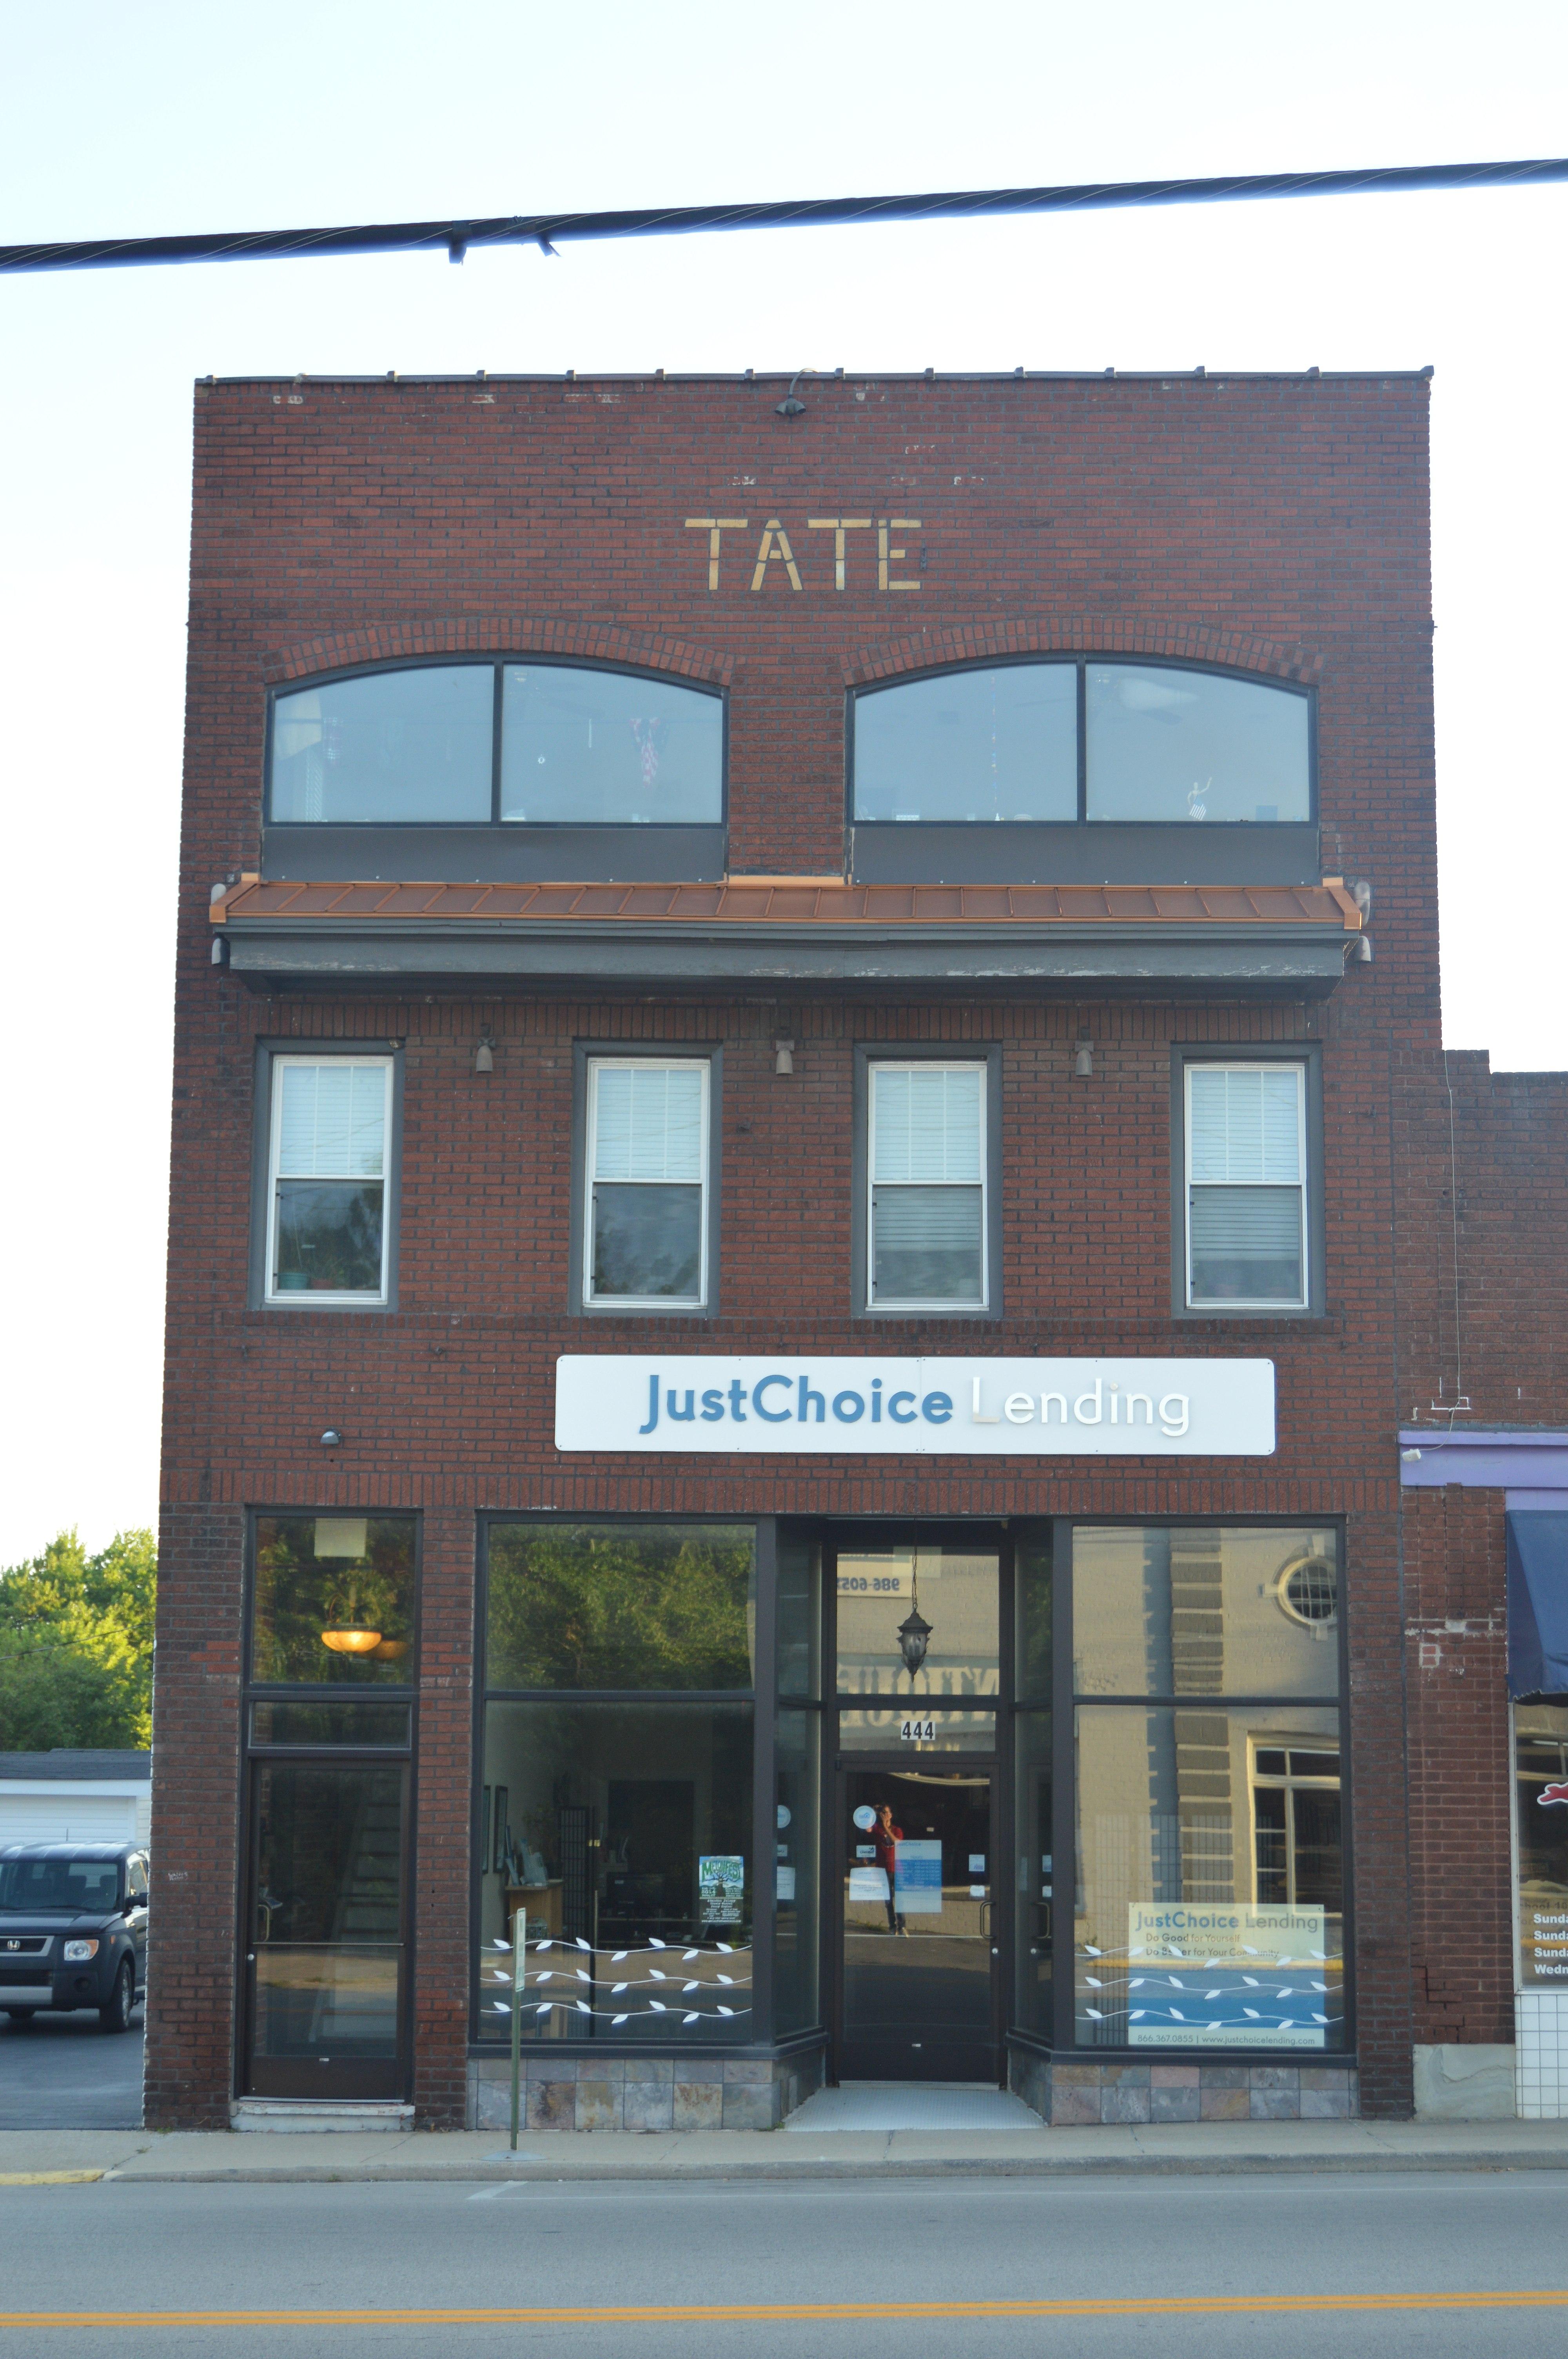 FileTate Building in Bereajpg FileTate Building in